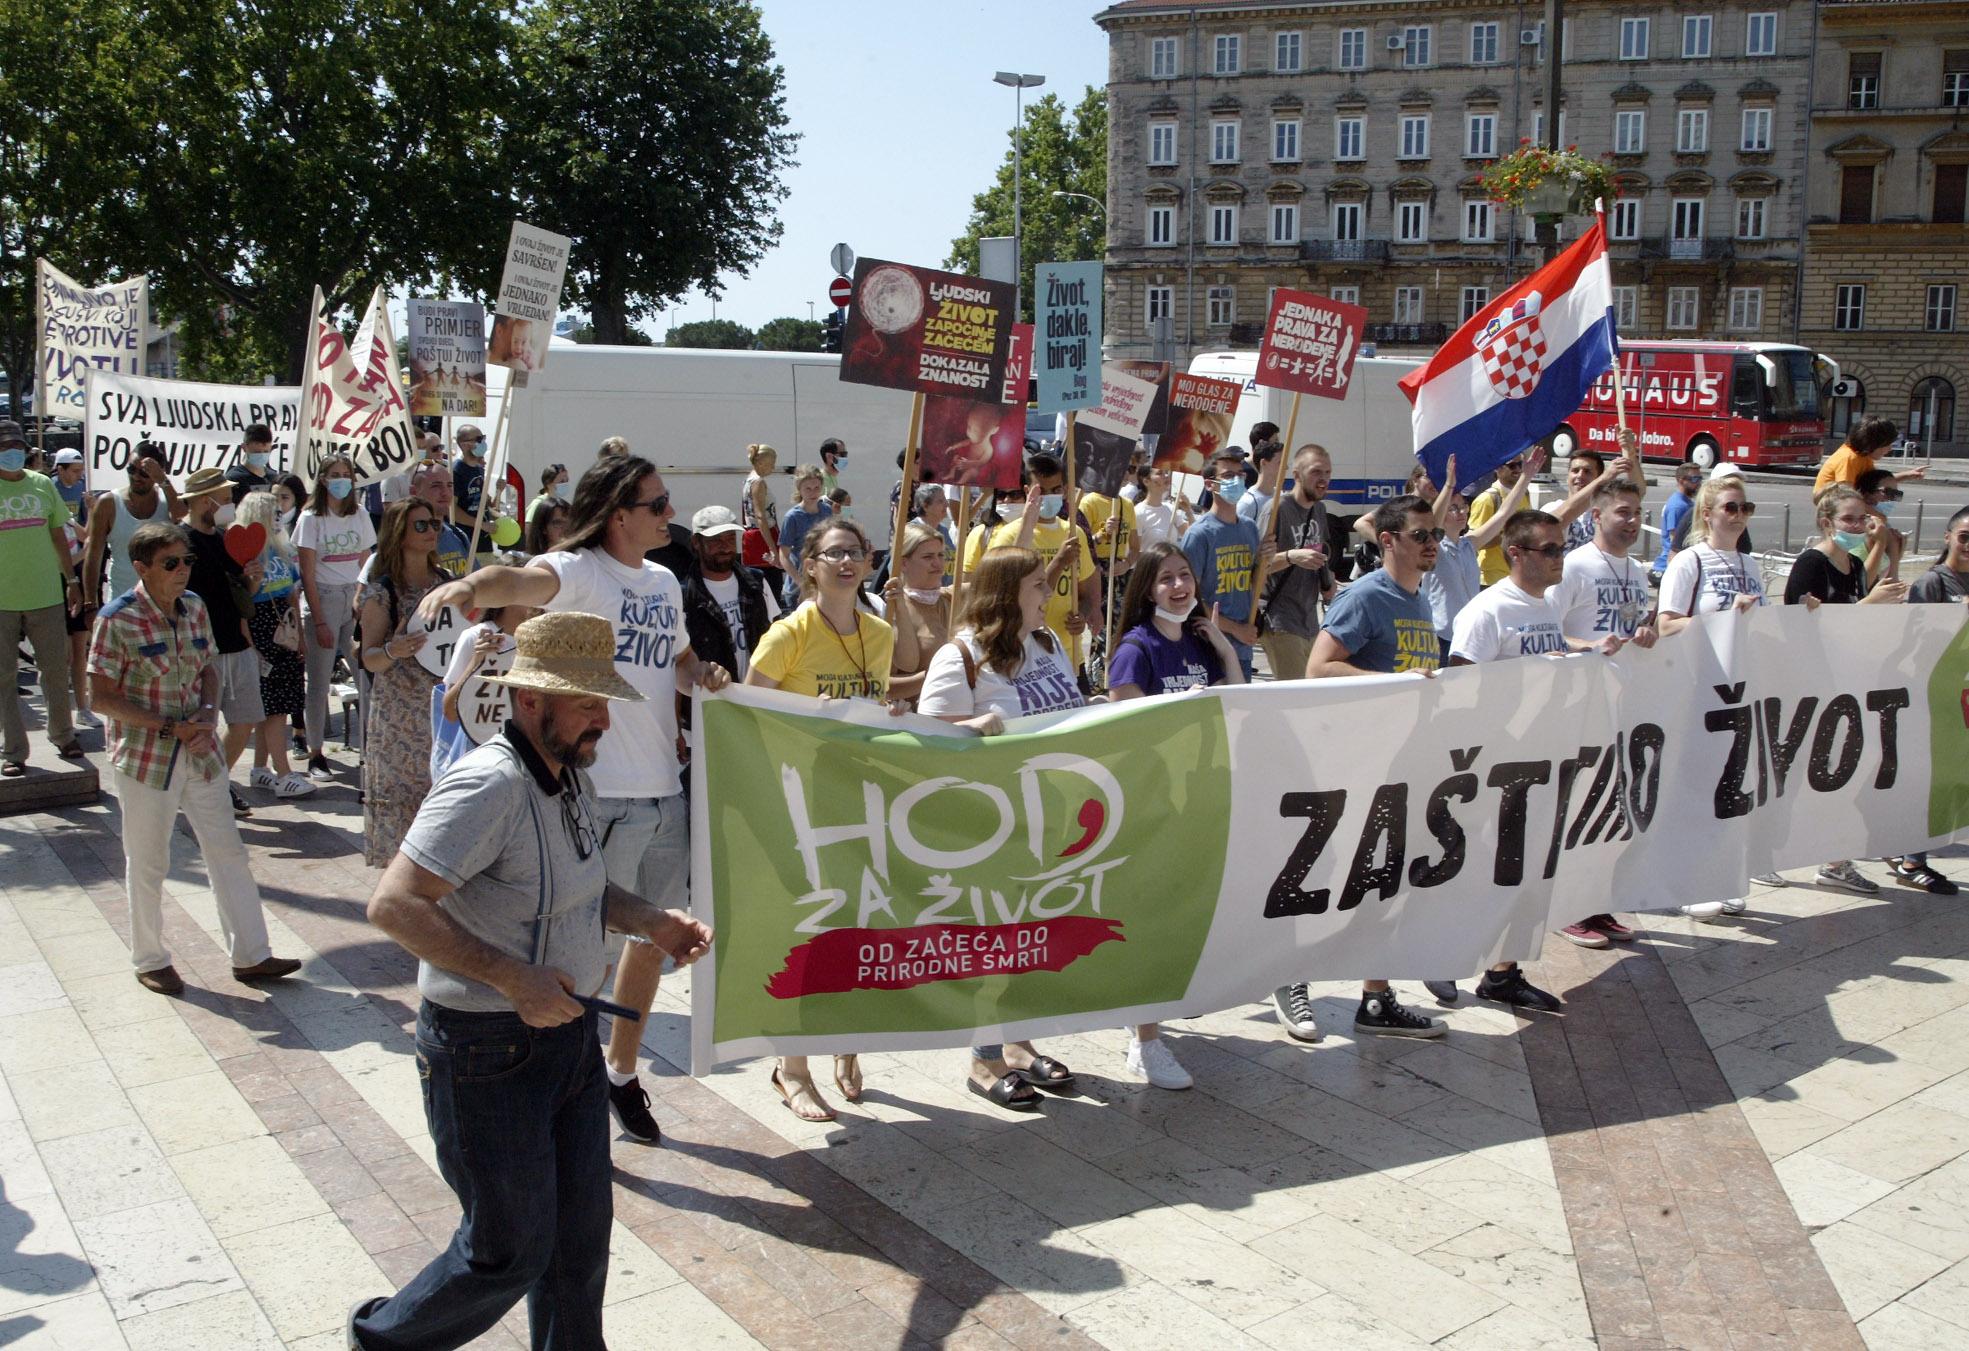 """Rijeka,27.06.2020.- Građanska inicijativa, koja djeluje u okviru Udruge Malaika, u subotu je organizirala """"Hod za život""""."""